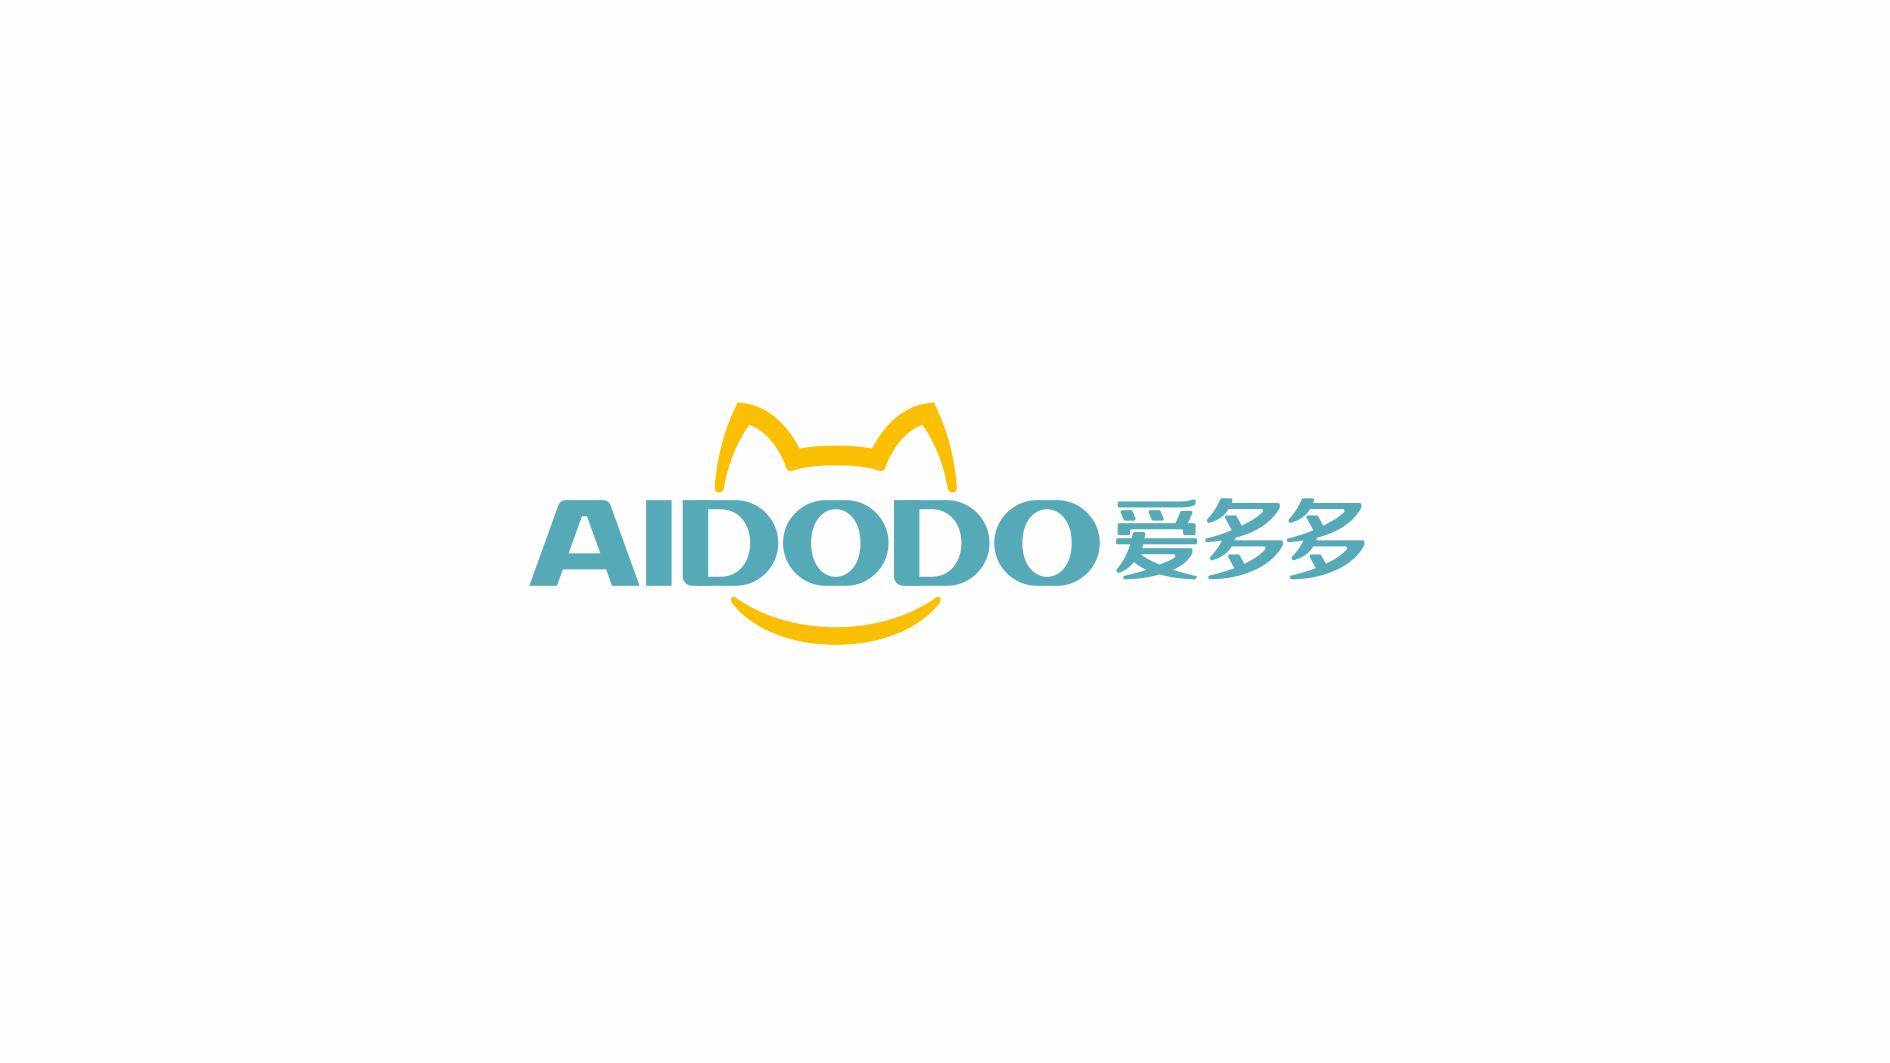 爱多多宠物食品品牌LOGO设计